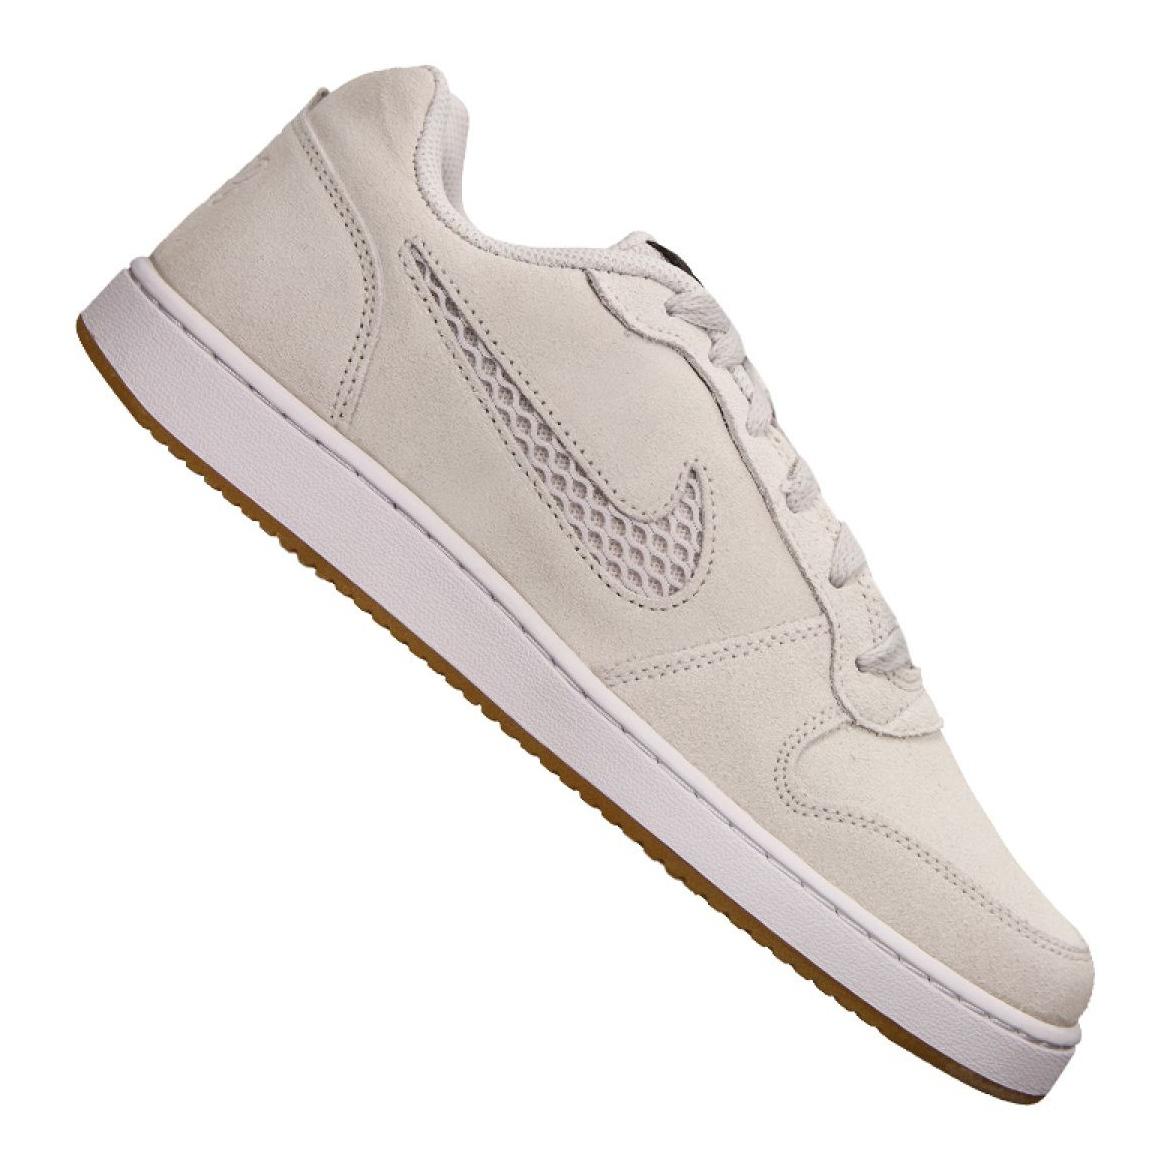 Nike Ebernon Low Prem M AQ1774 002 cipő barna